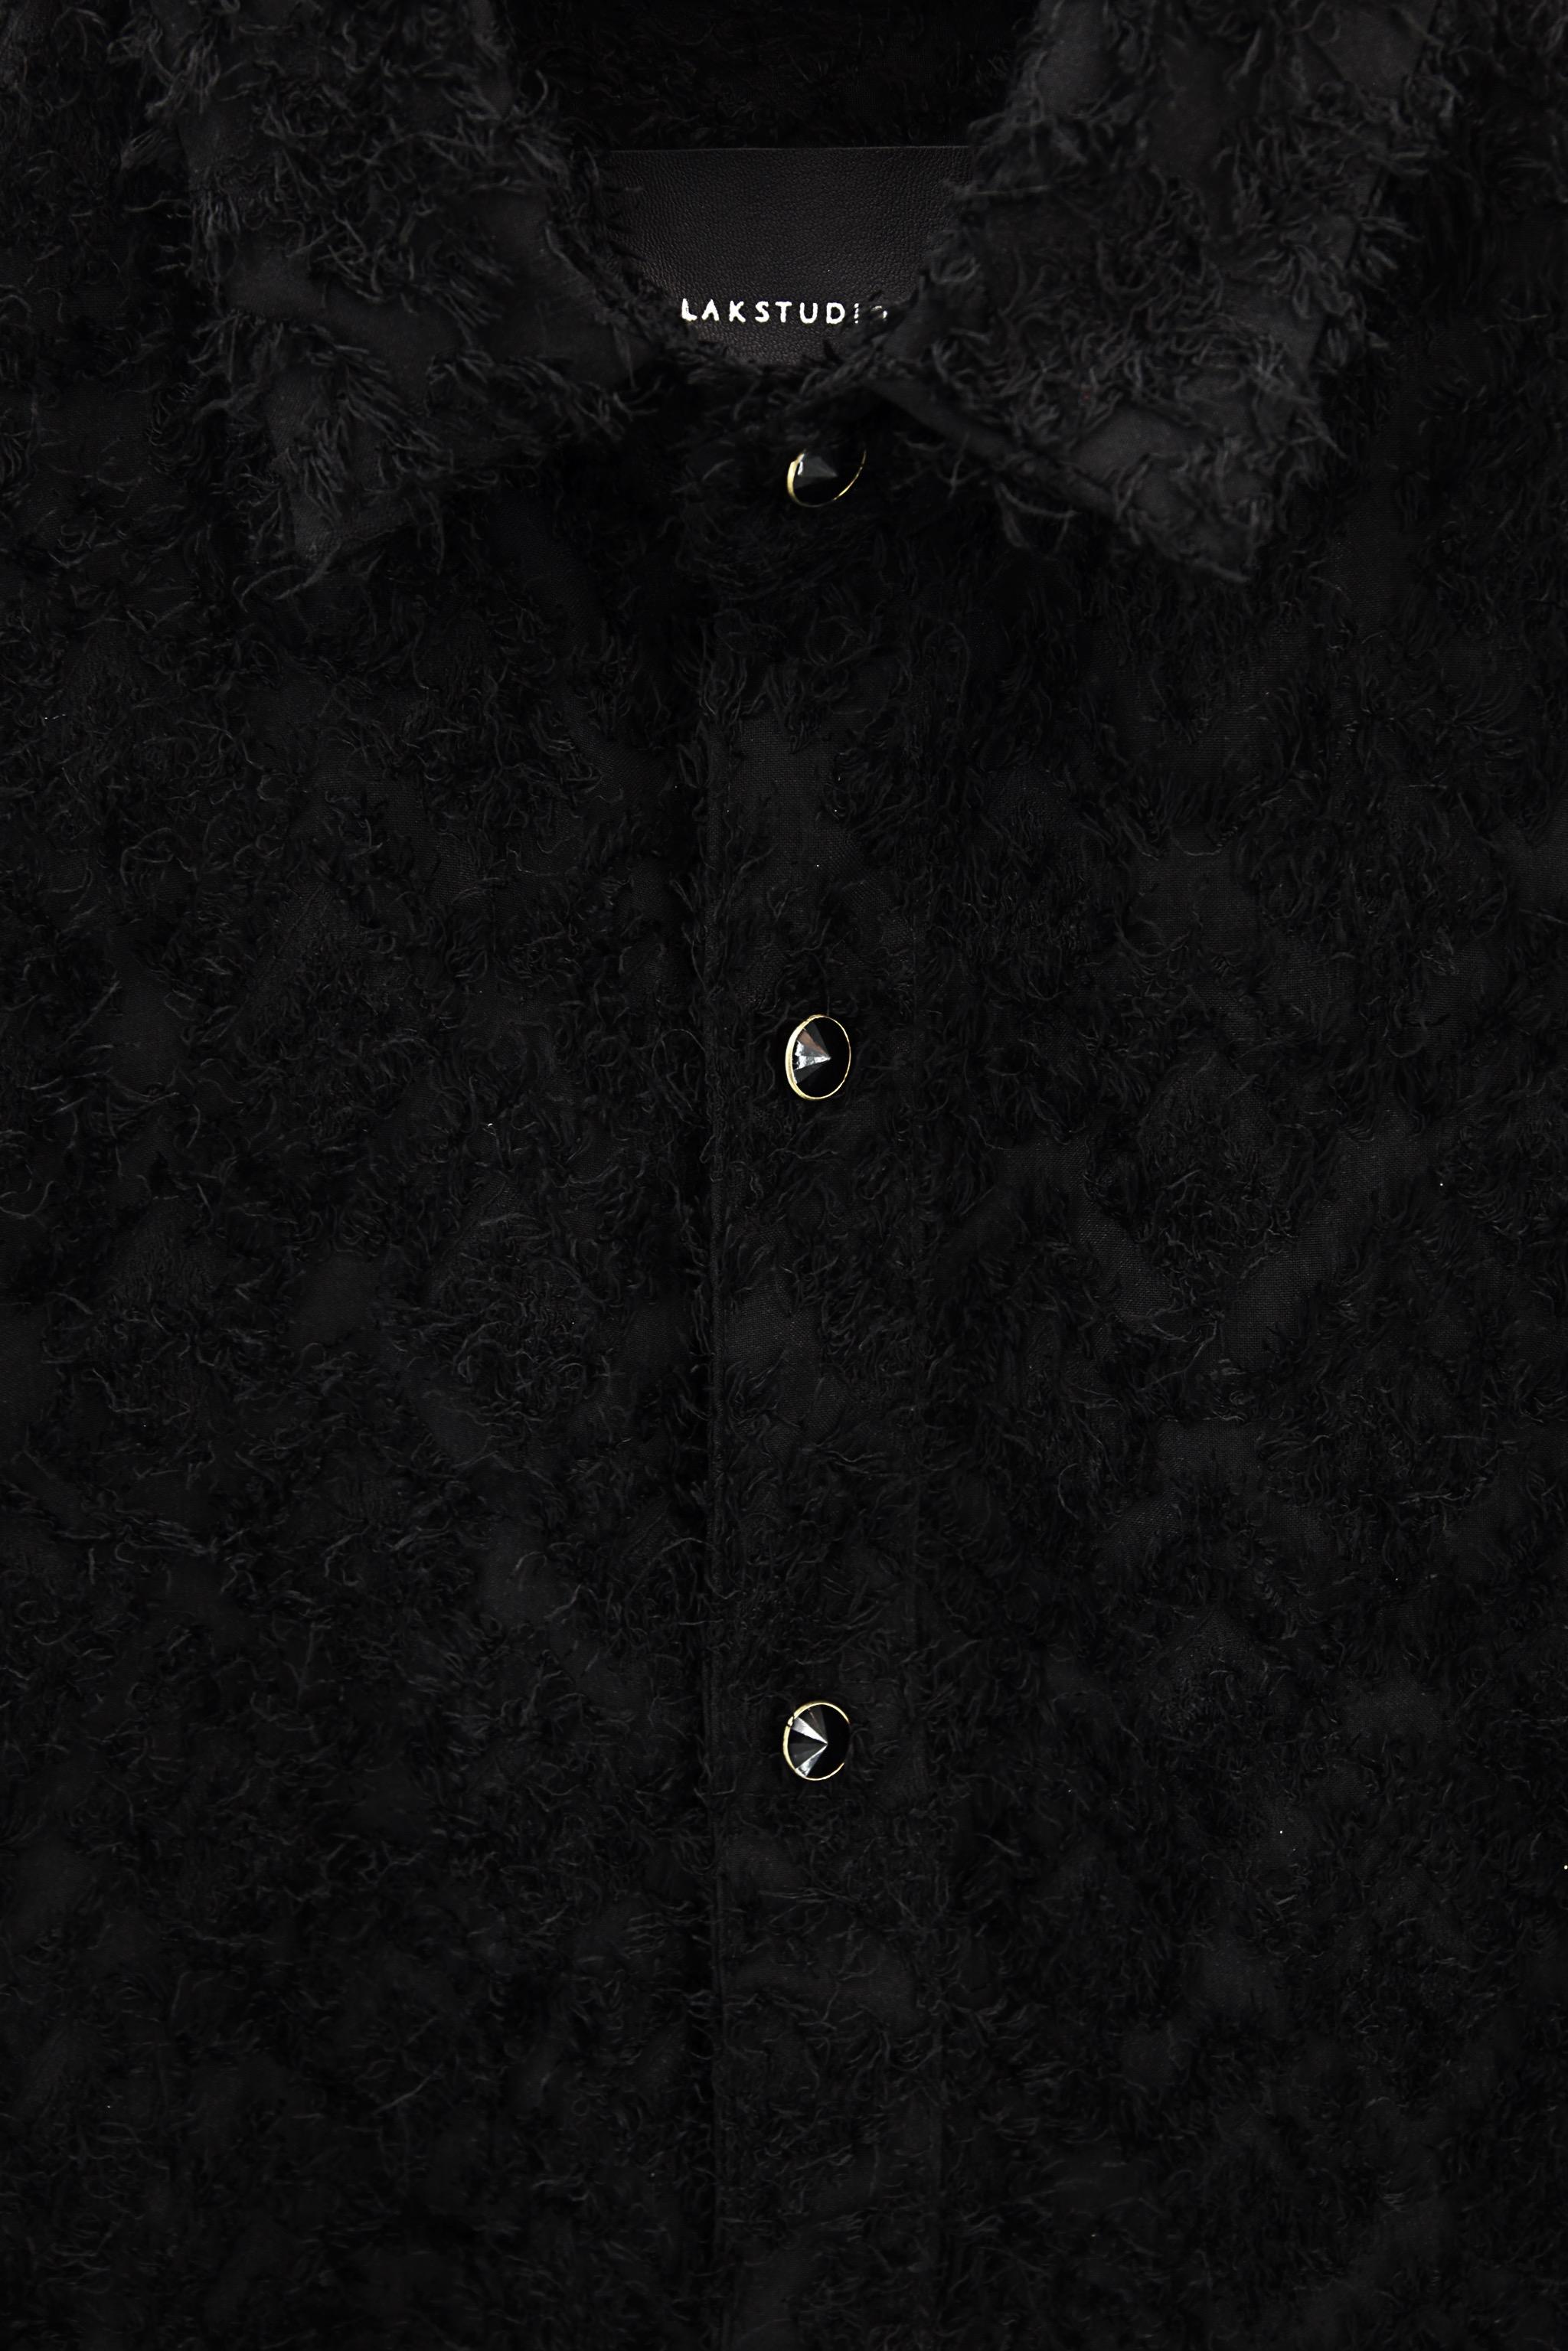 Lak Studios Loose Bowling Shirt in Black